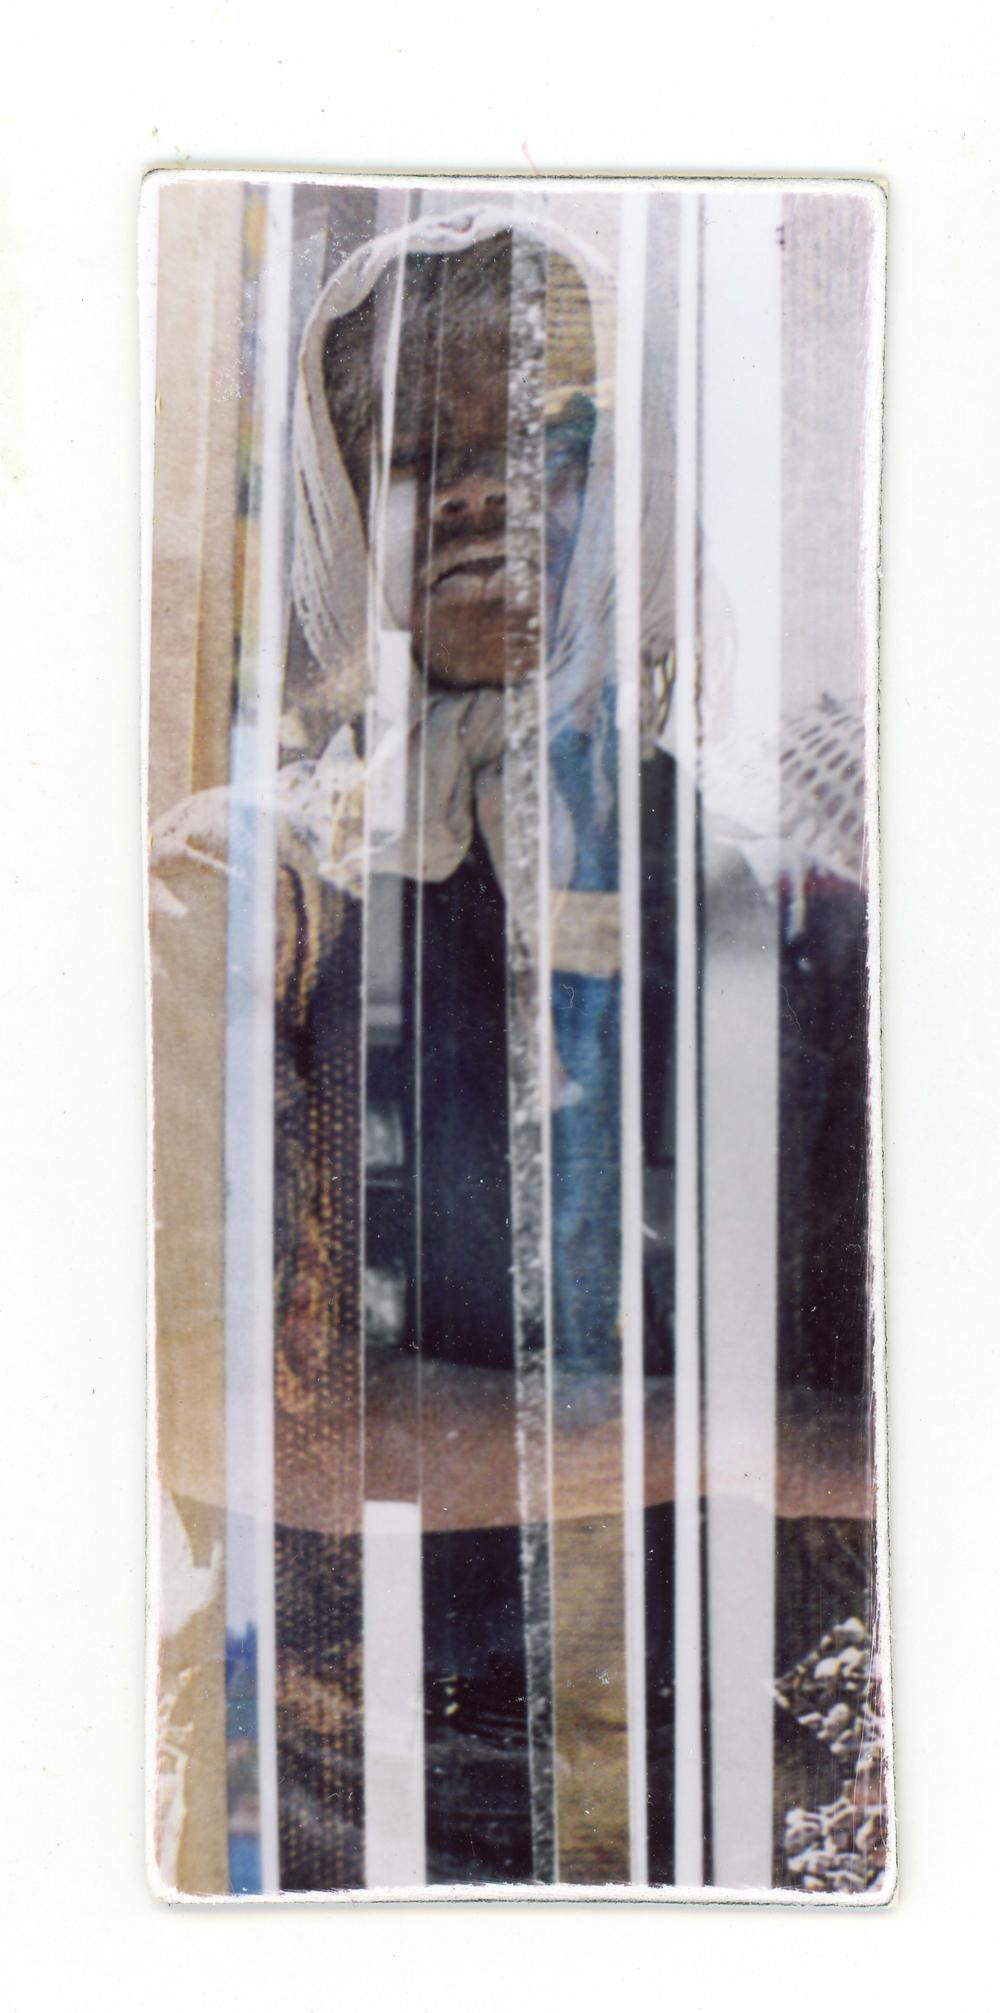 Dissolves Outtake (Unique polaroid print mounted on cardstock)